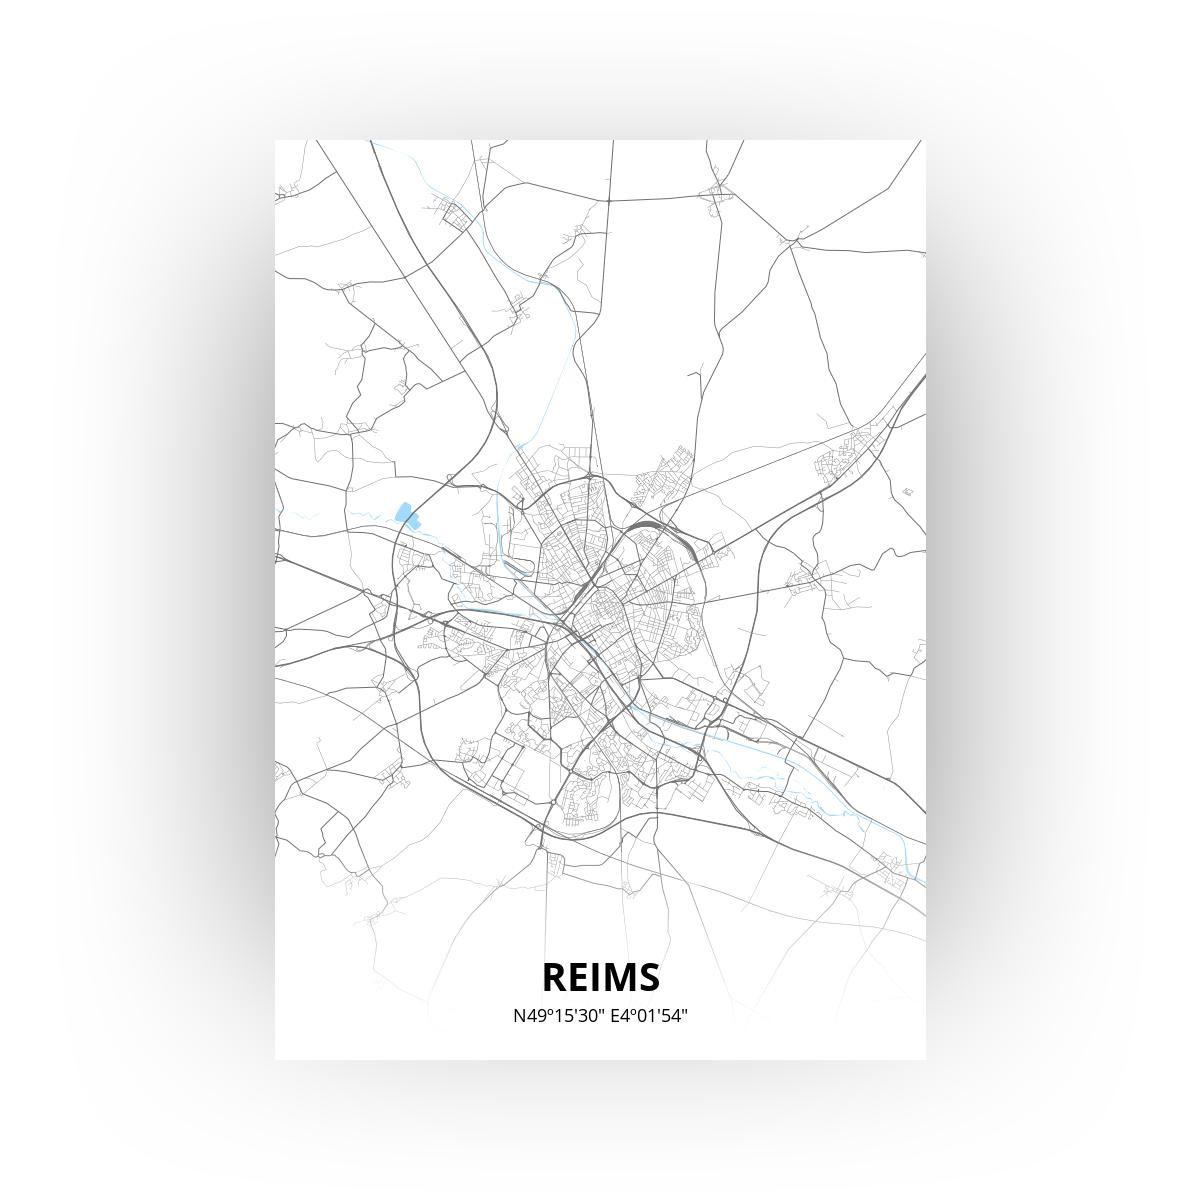 Reims poster - Zelf aan te passen!